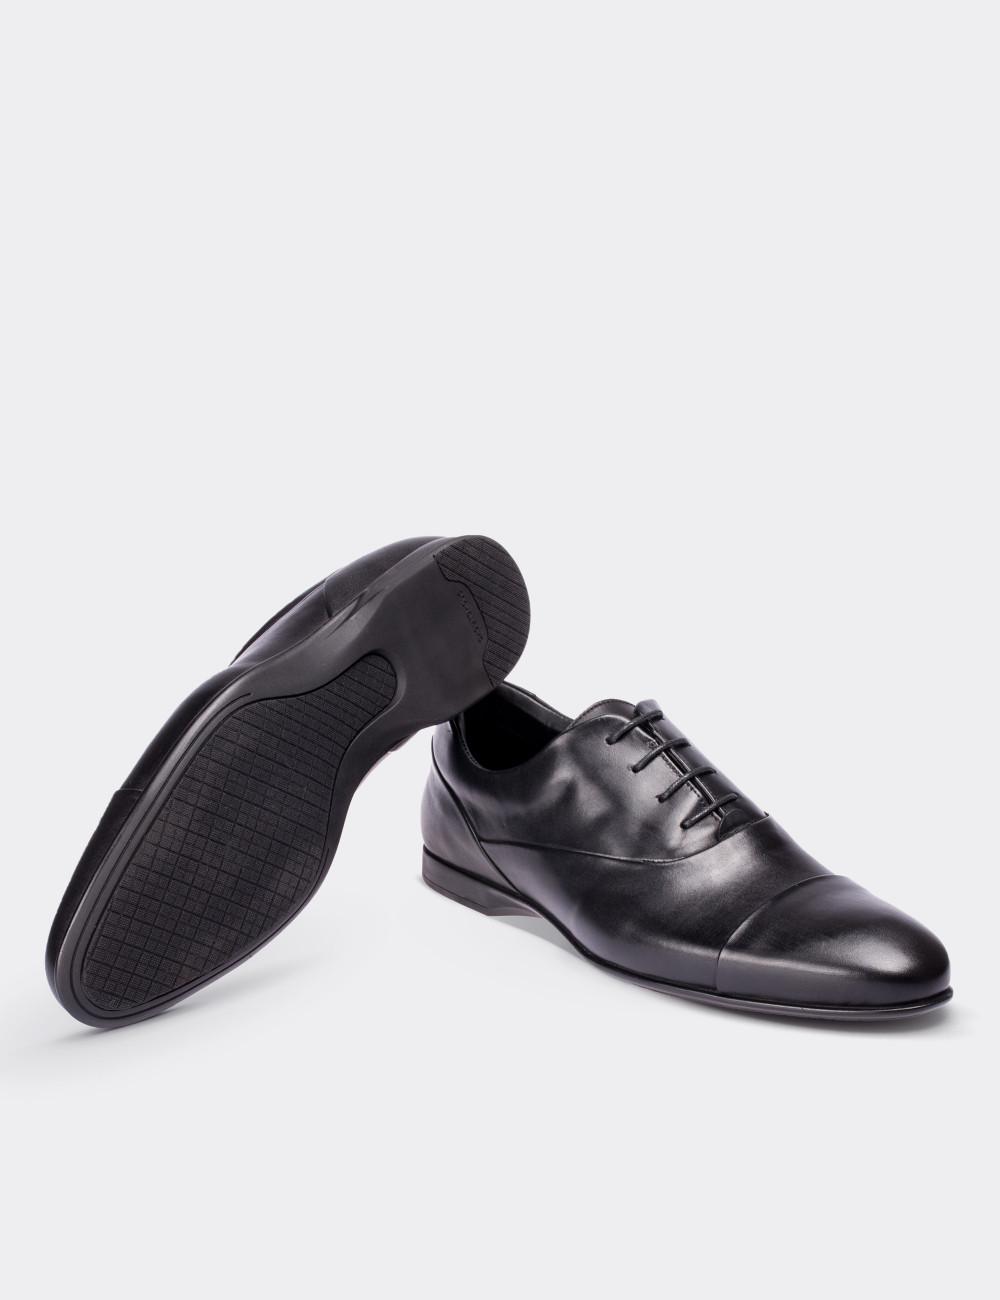 Hakiki Deri Siyah Klasik Erkek Ayakkabı - 01519MSYHC01